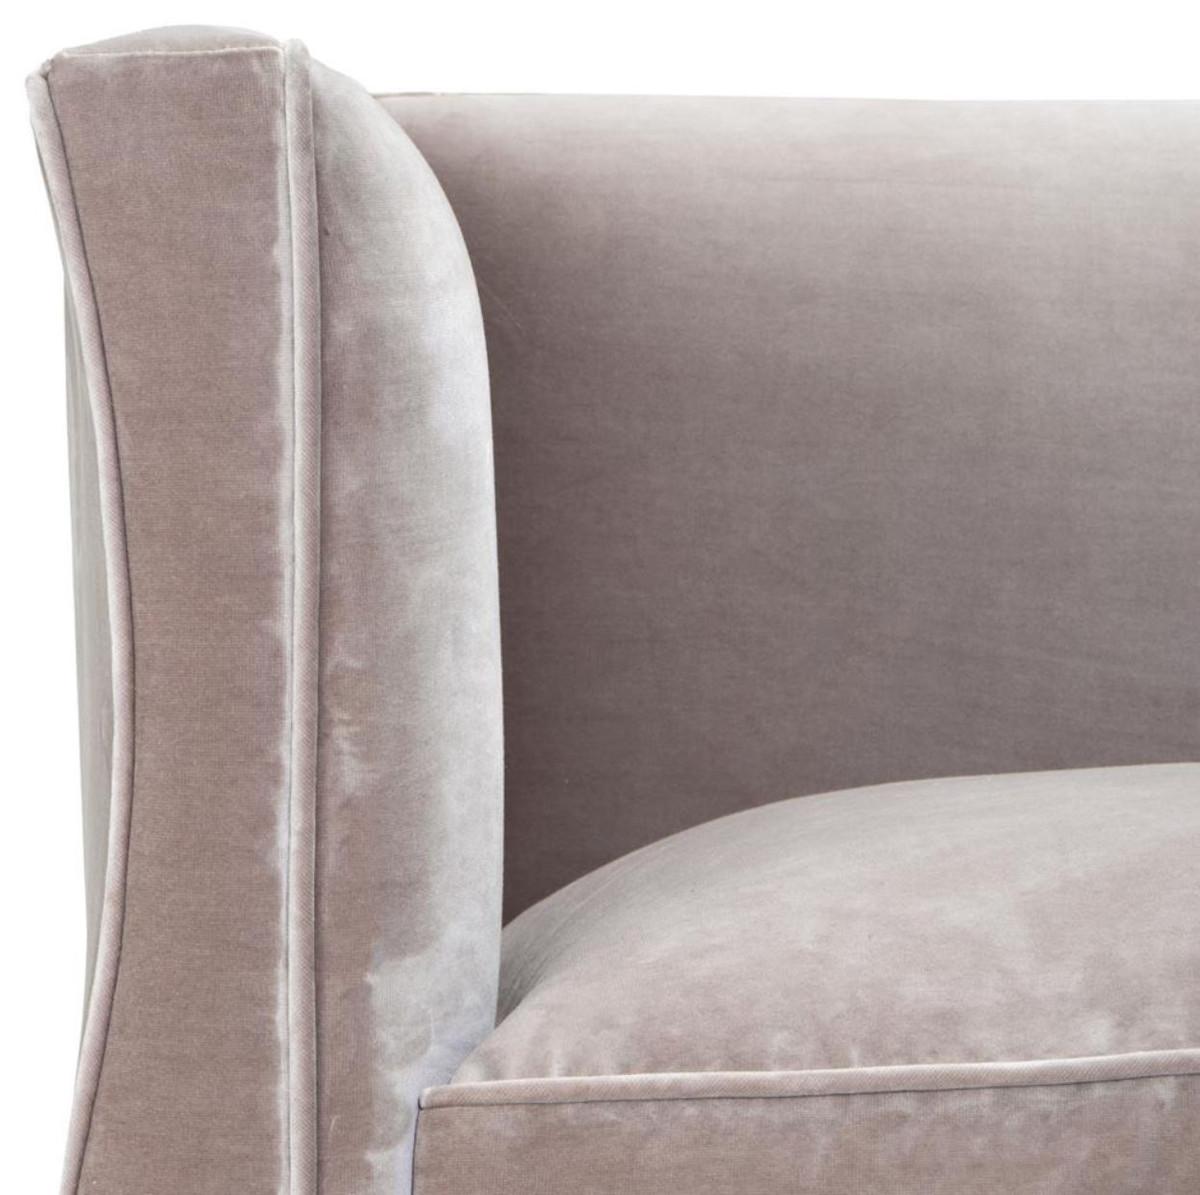 Casa Padrino Luxus Wohnzimmer Samt Sessel Grau 100 x 79 x H. 75 cm - Wohnzimmermöbel 5